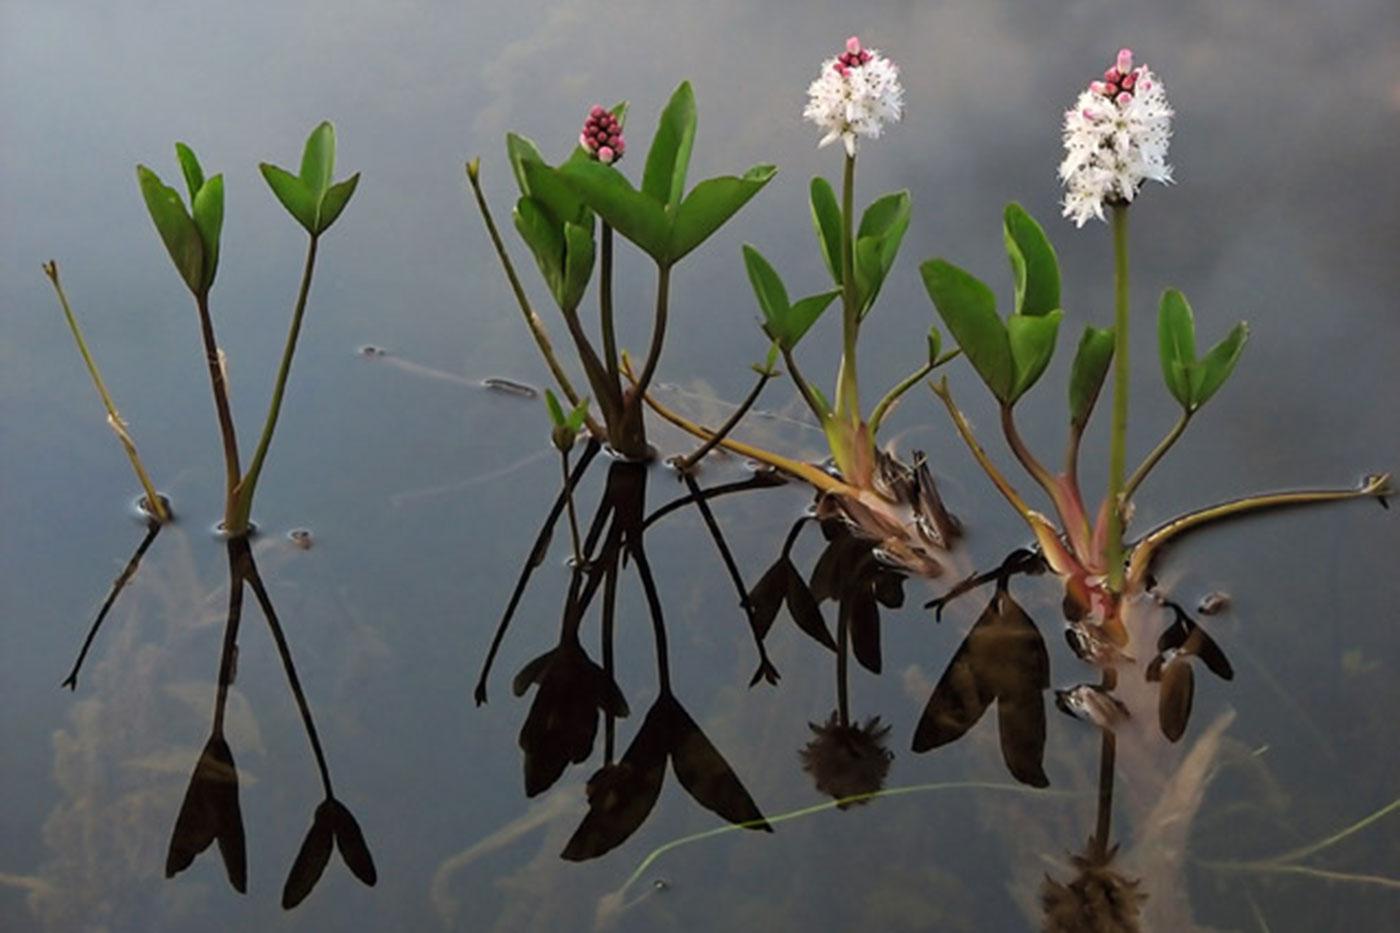 Lokuf mal dokaz za uspesno spasen ekosistem 2